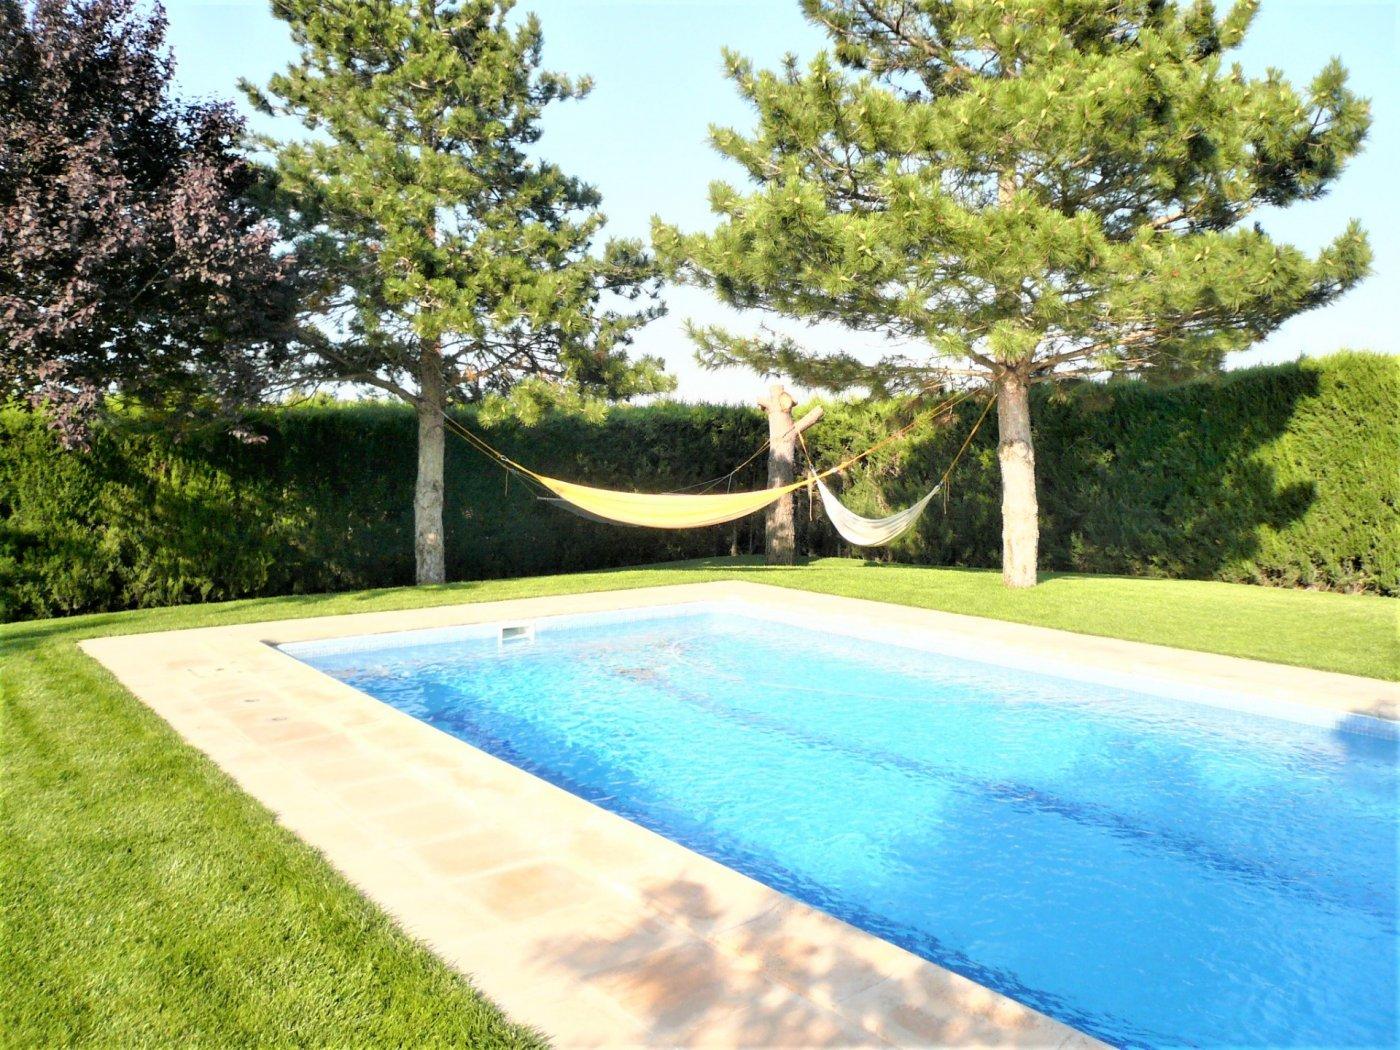 Casa en venta en montblanc - imagenInmueble5